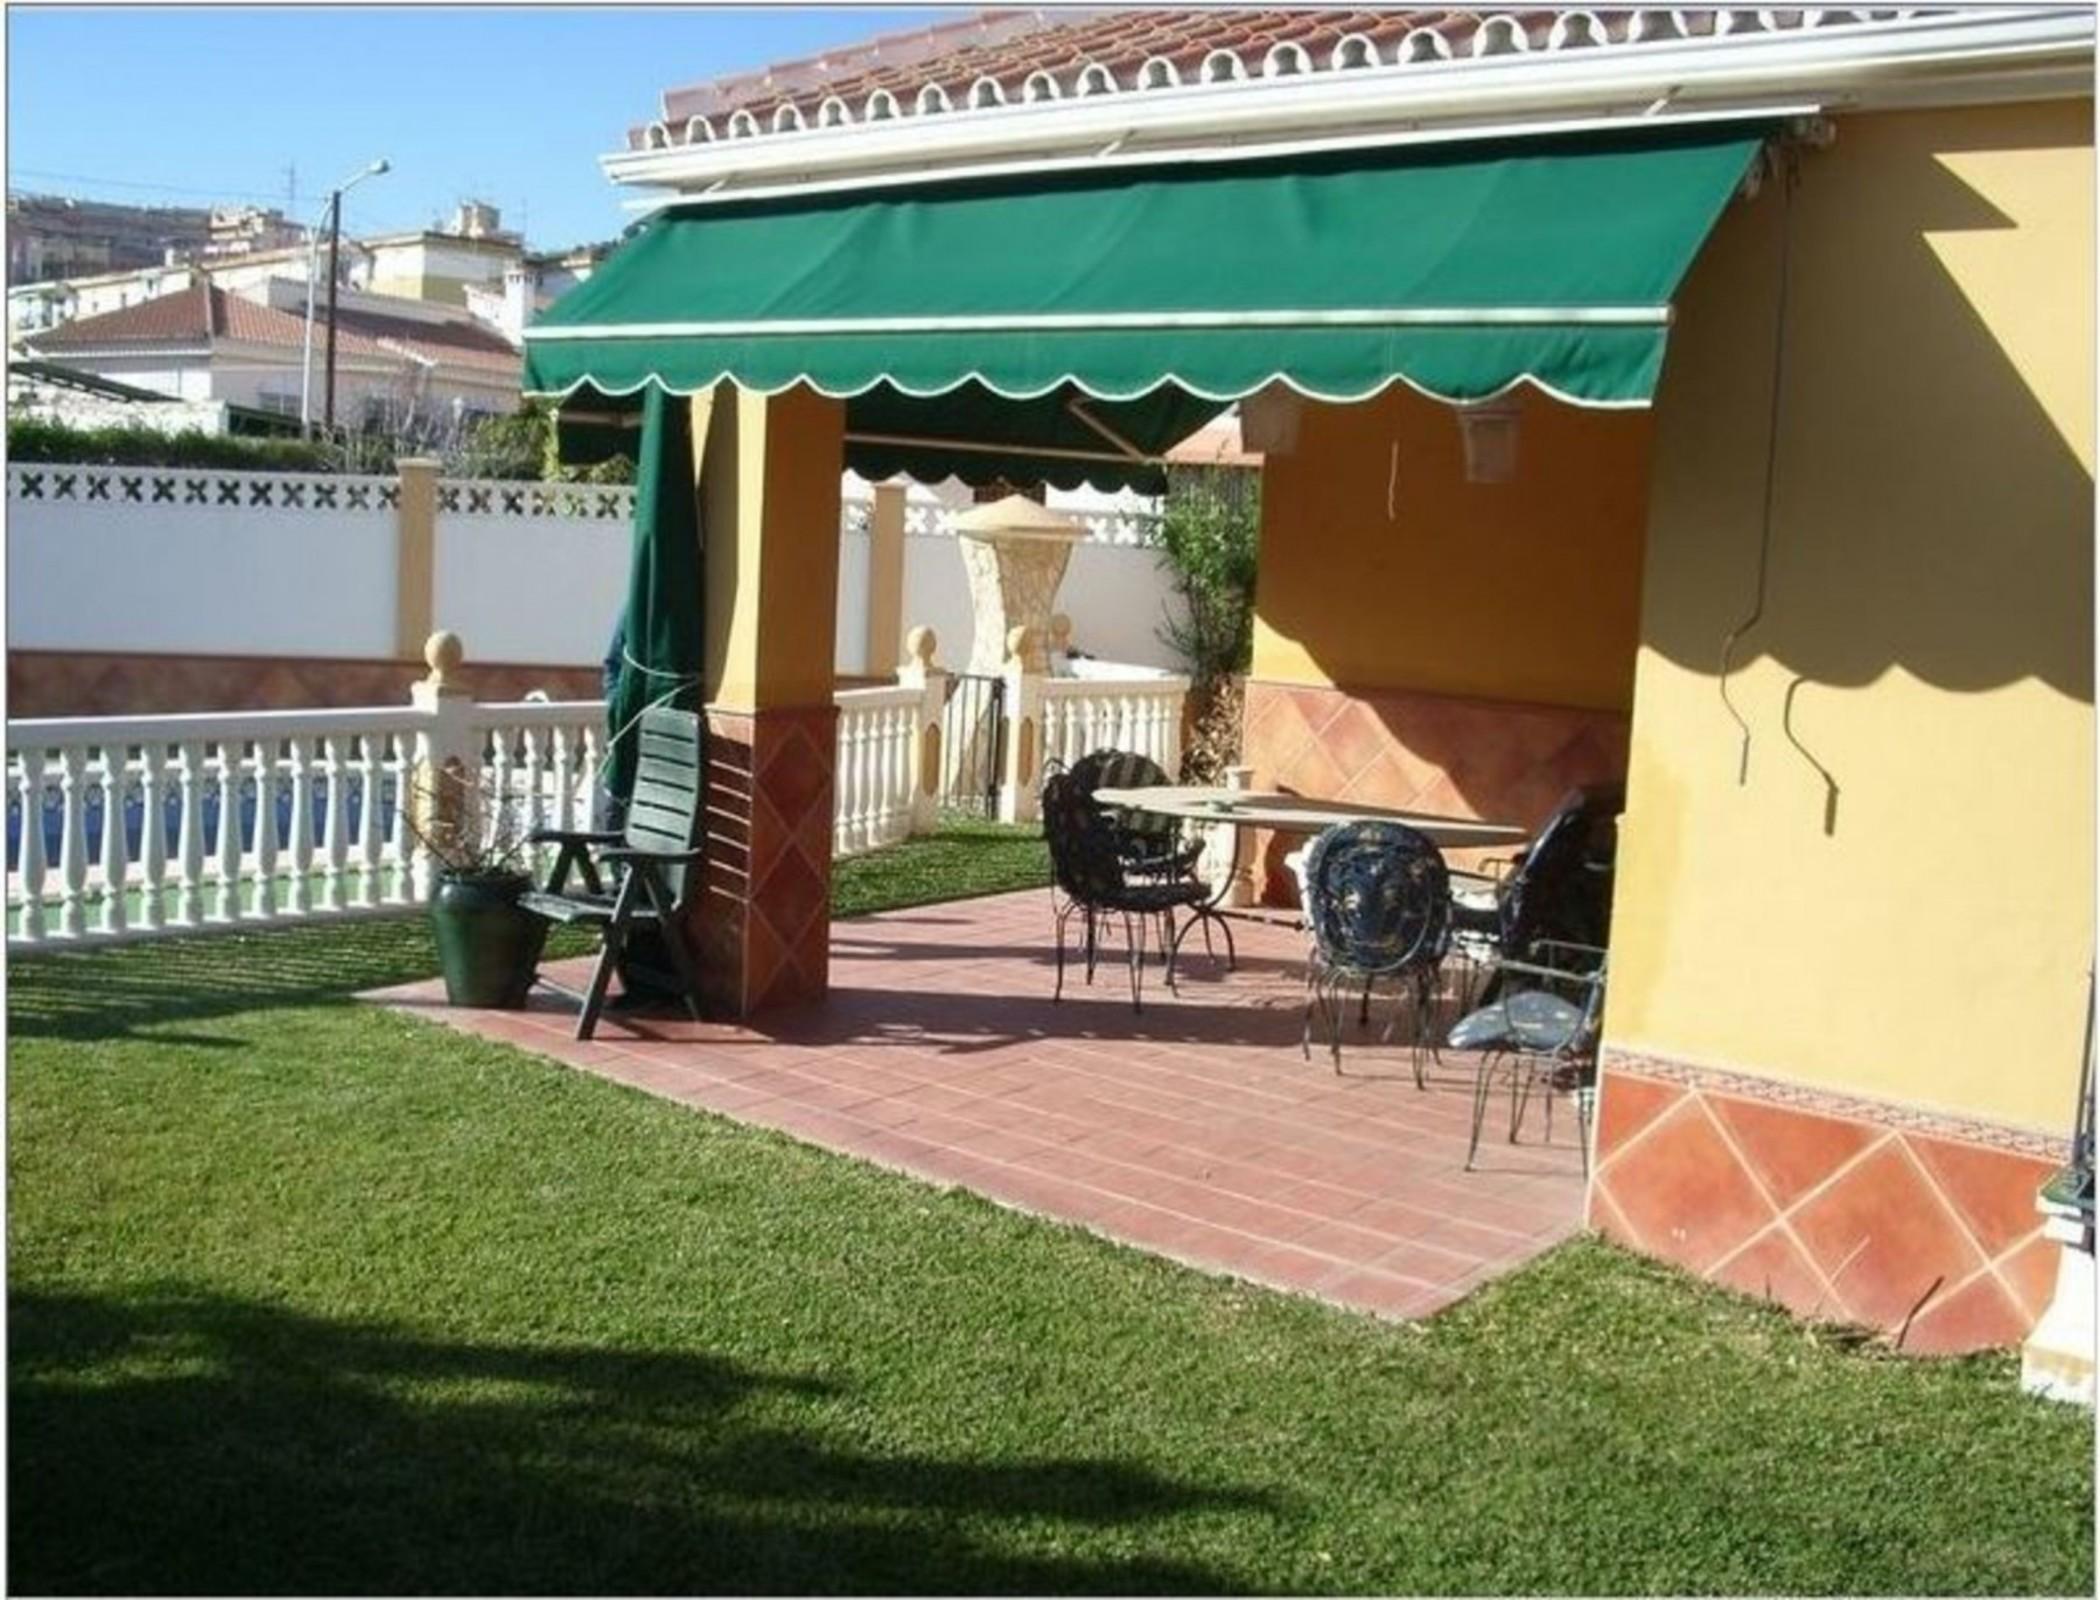 Villa in Rincon de la Victoria, Malaga 102499, Simanjiro